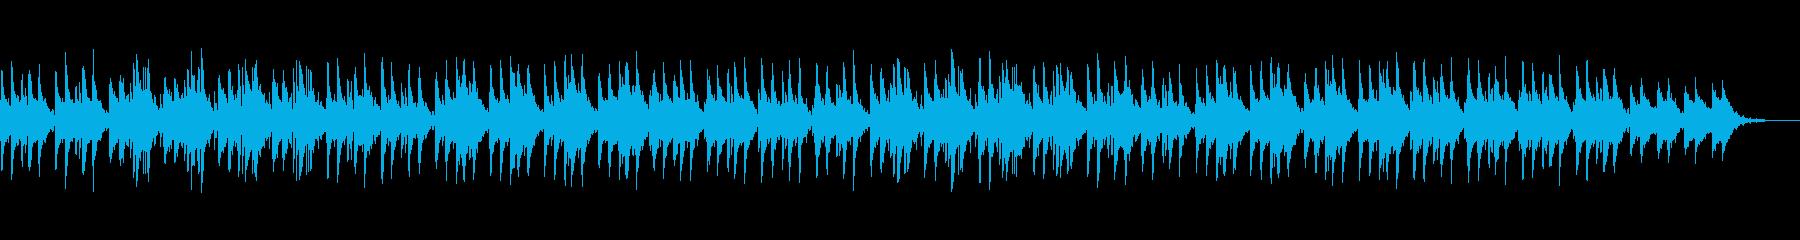 ダークで迫力のあるメロディーの再生済みの波形